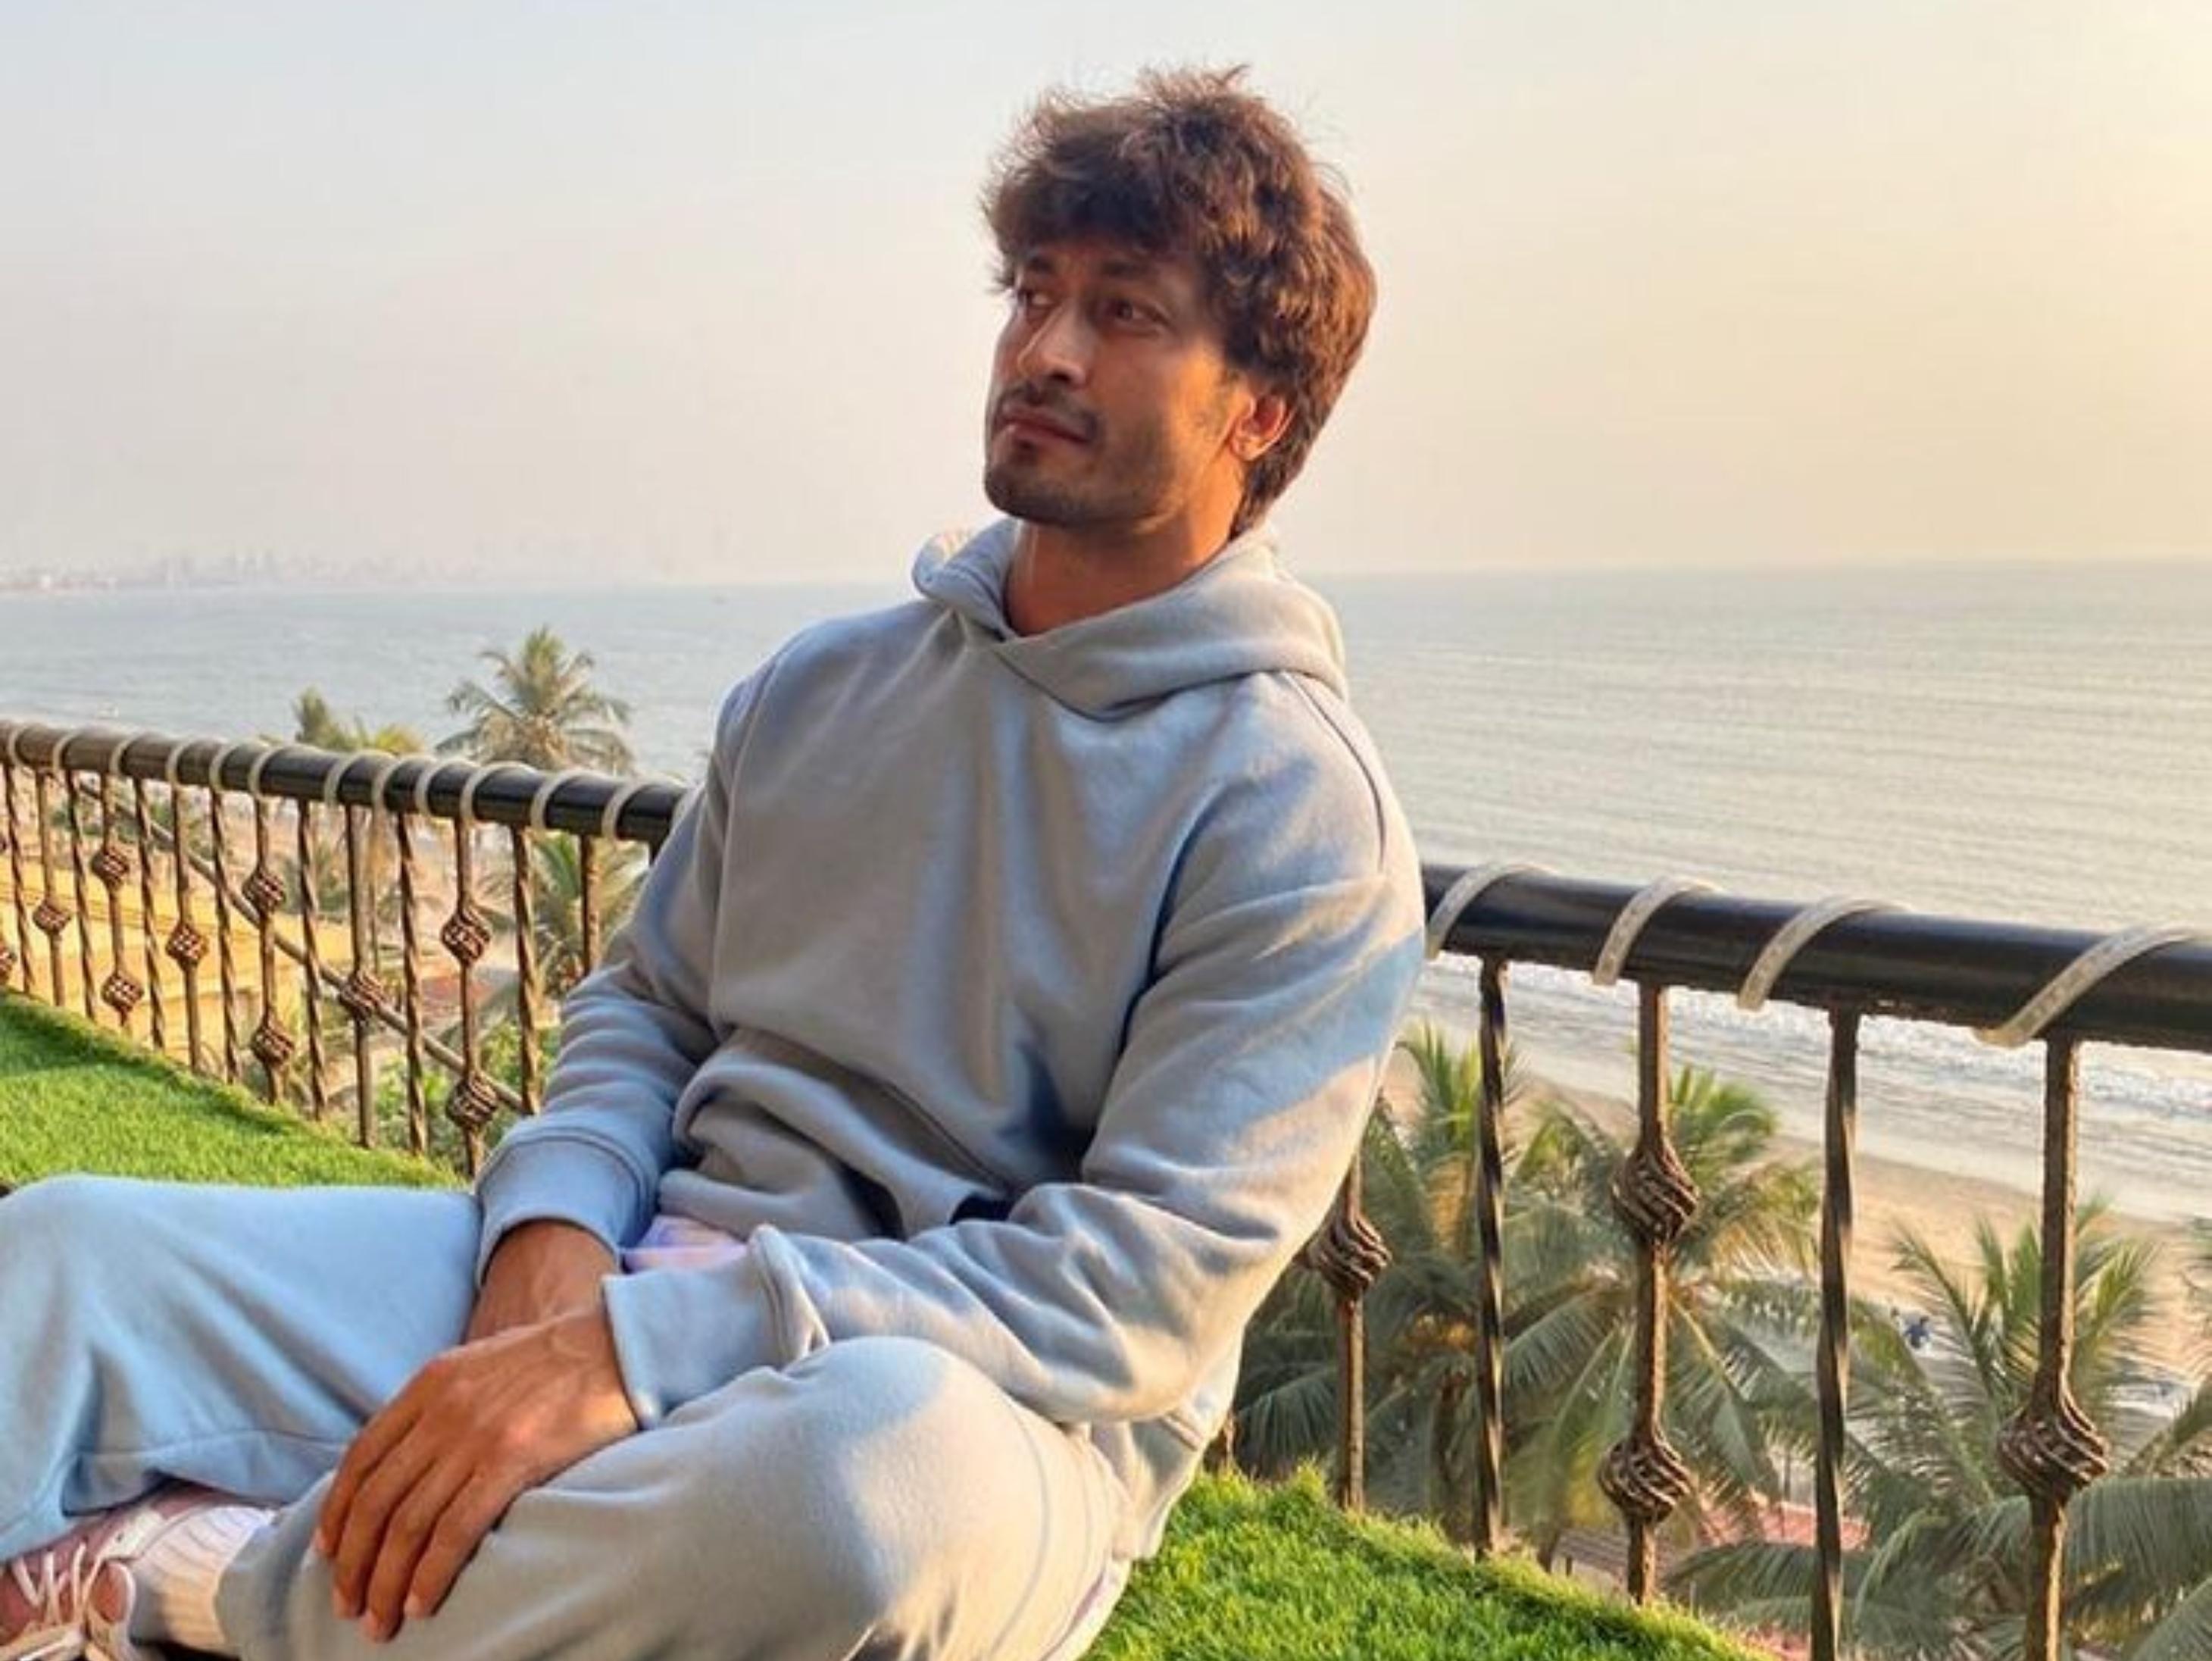 15 क्रू मेंबर्स के साथ गोवा में शूटिंग कर रहे विद्युत जामवाल, पिछले 3 महीने के दौरान कोई इनफेक्ट नहीं हुआ|बॉलीवुड,Bollywood - Dainik Bhaskar